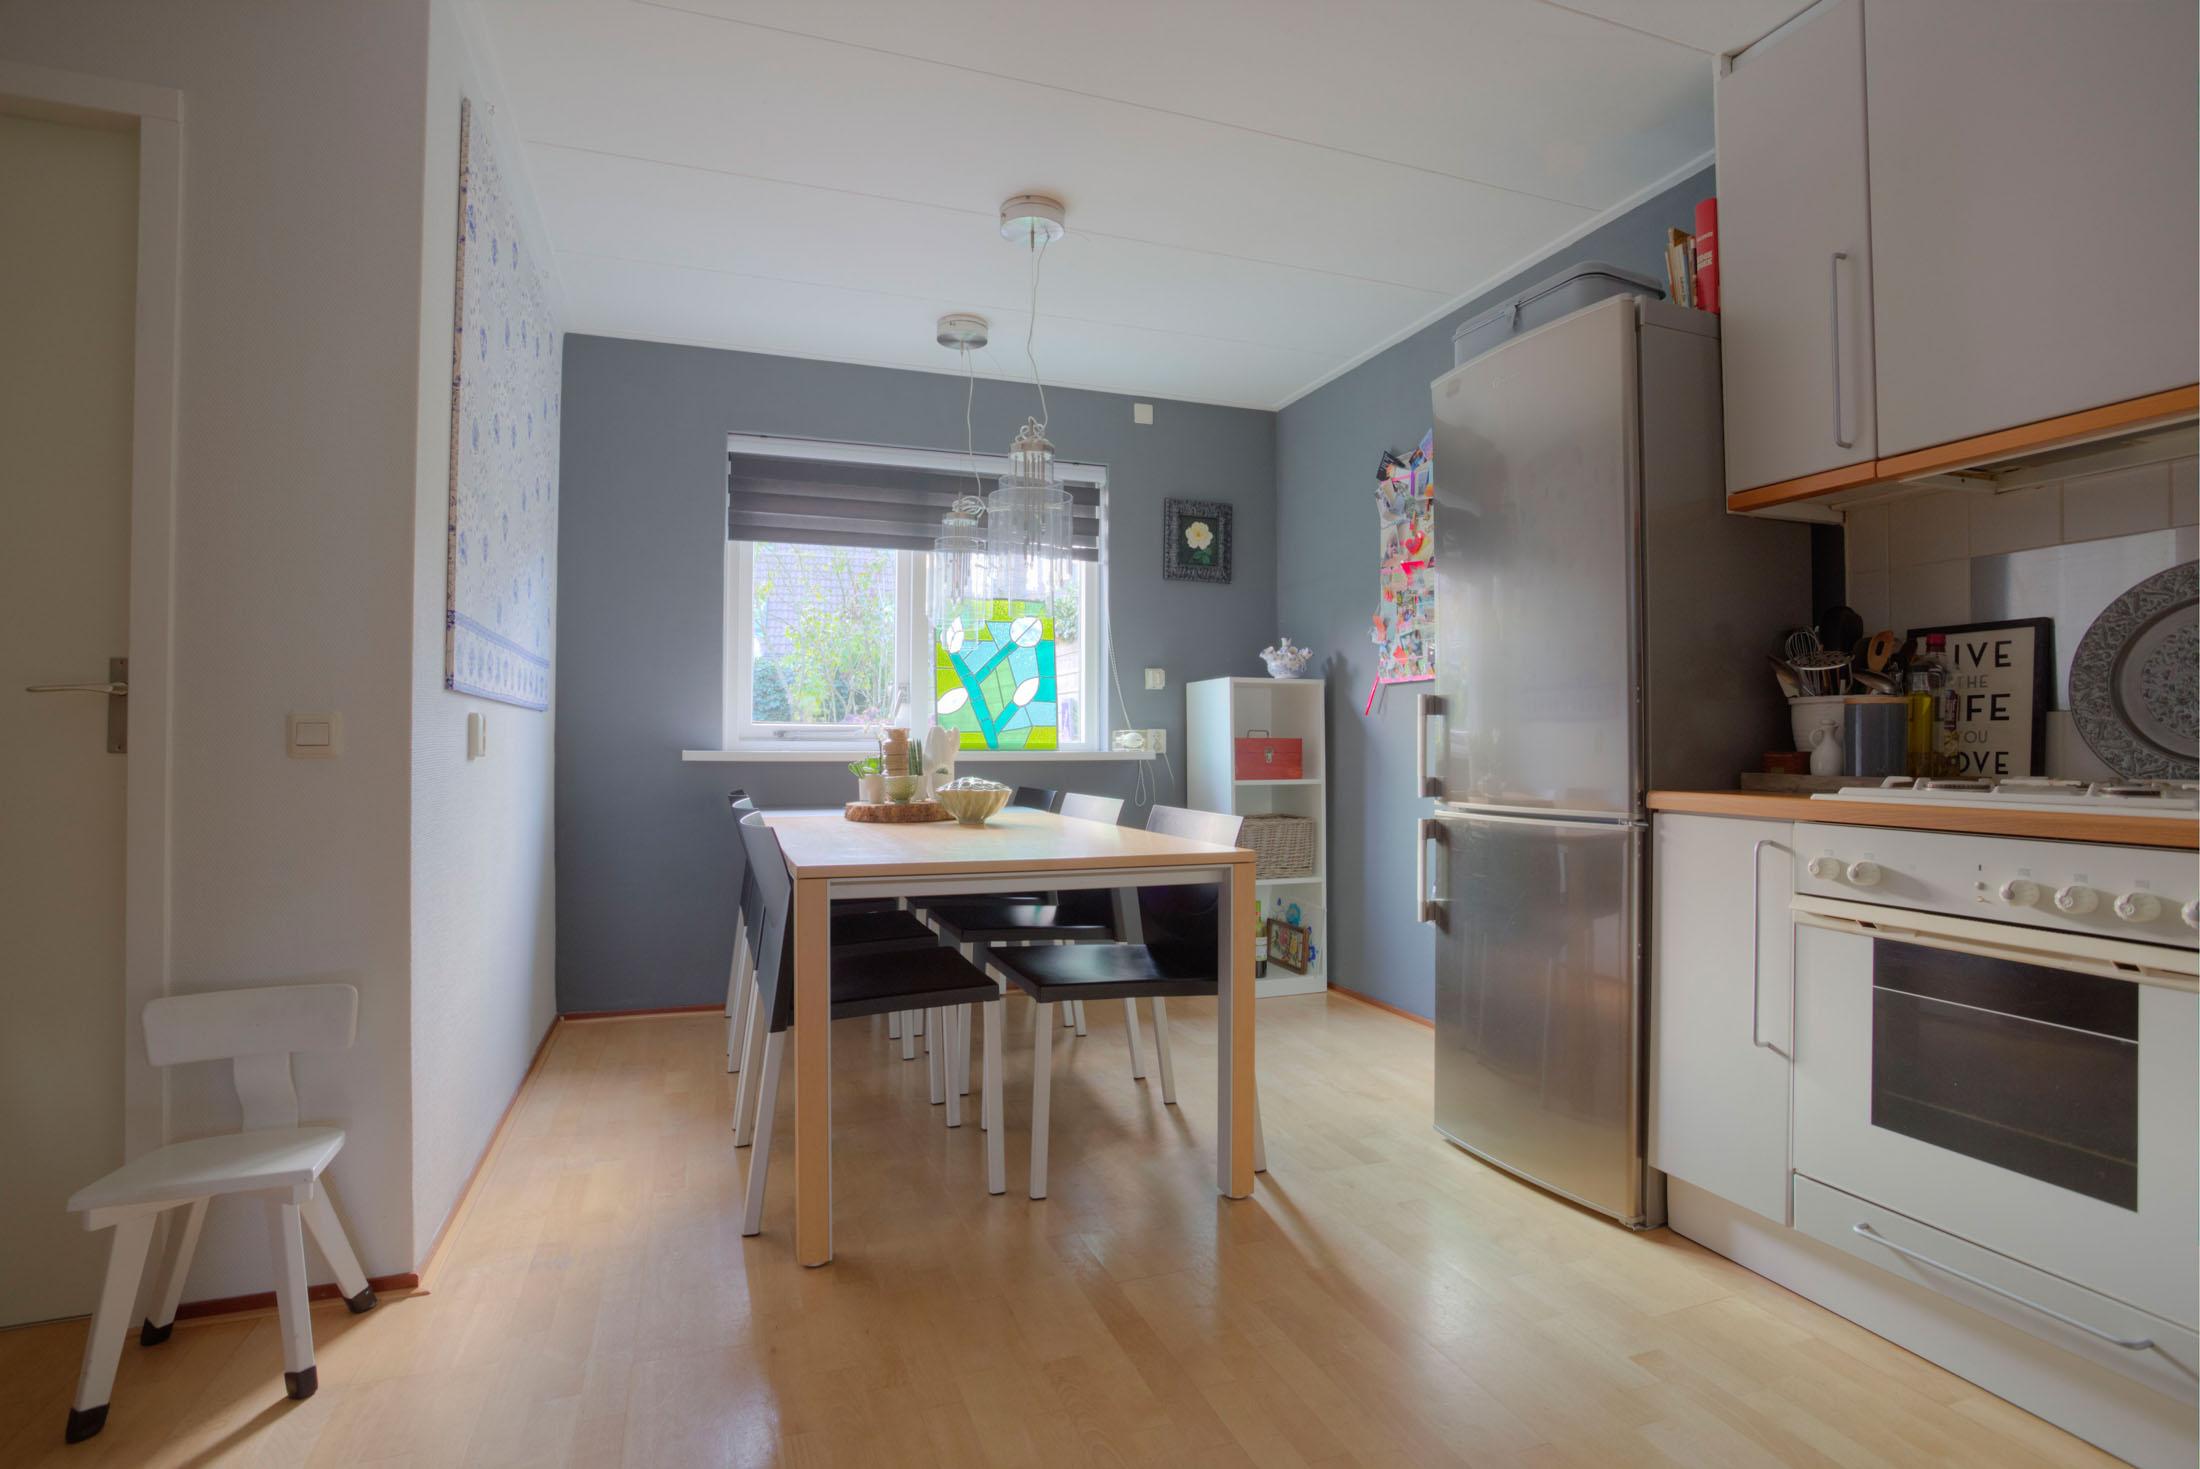 Interieur fotografie door jochem schuiling jochem for Interieur fotografie